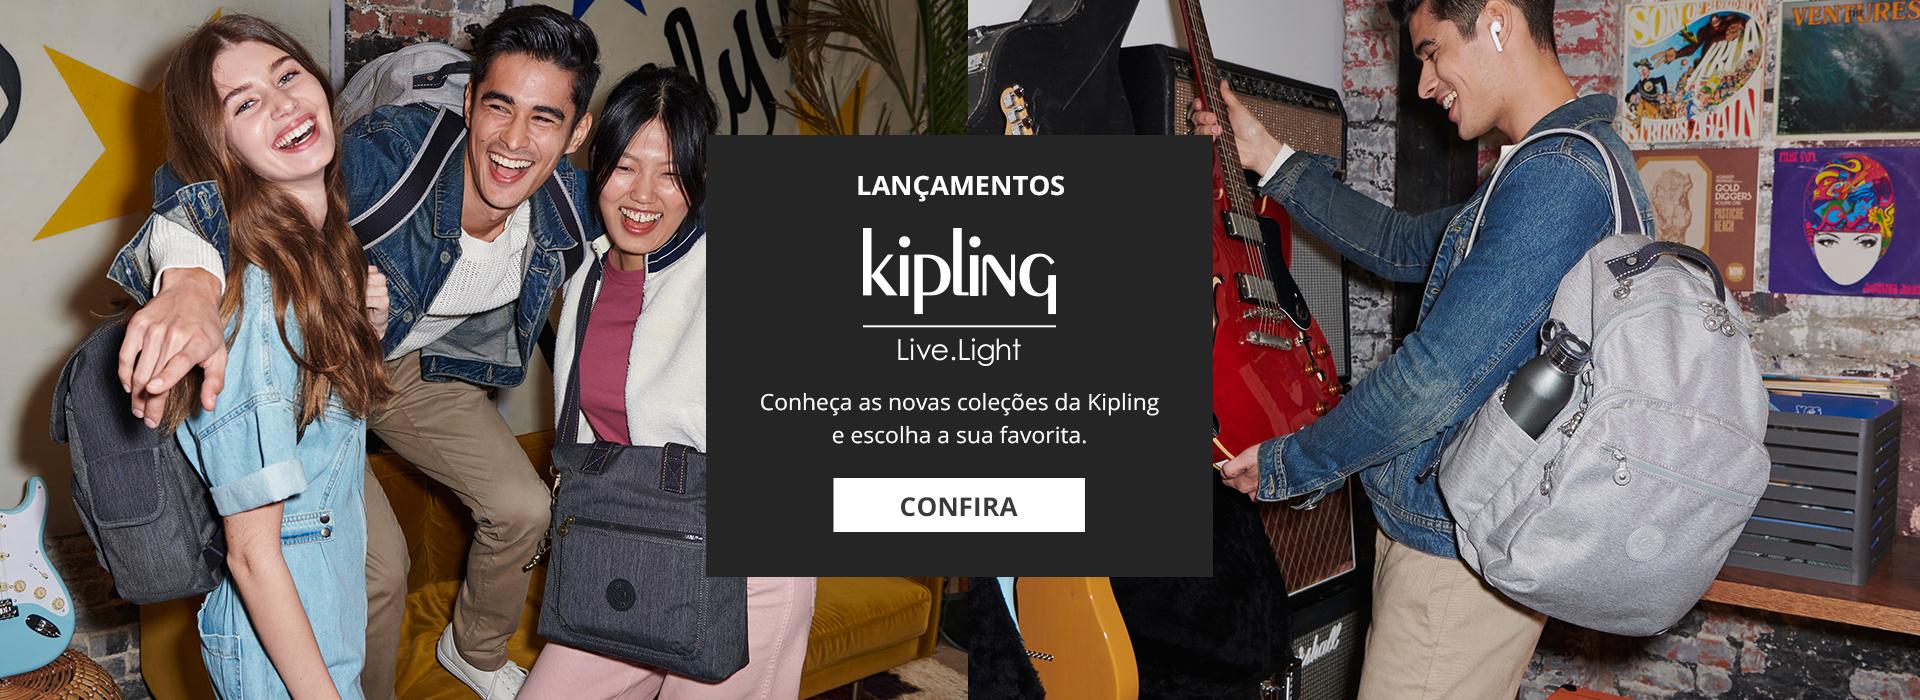 Banner 1 - Lanc Kipling